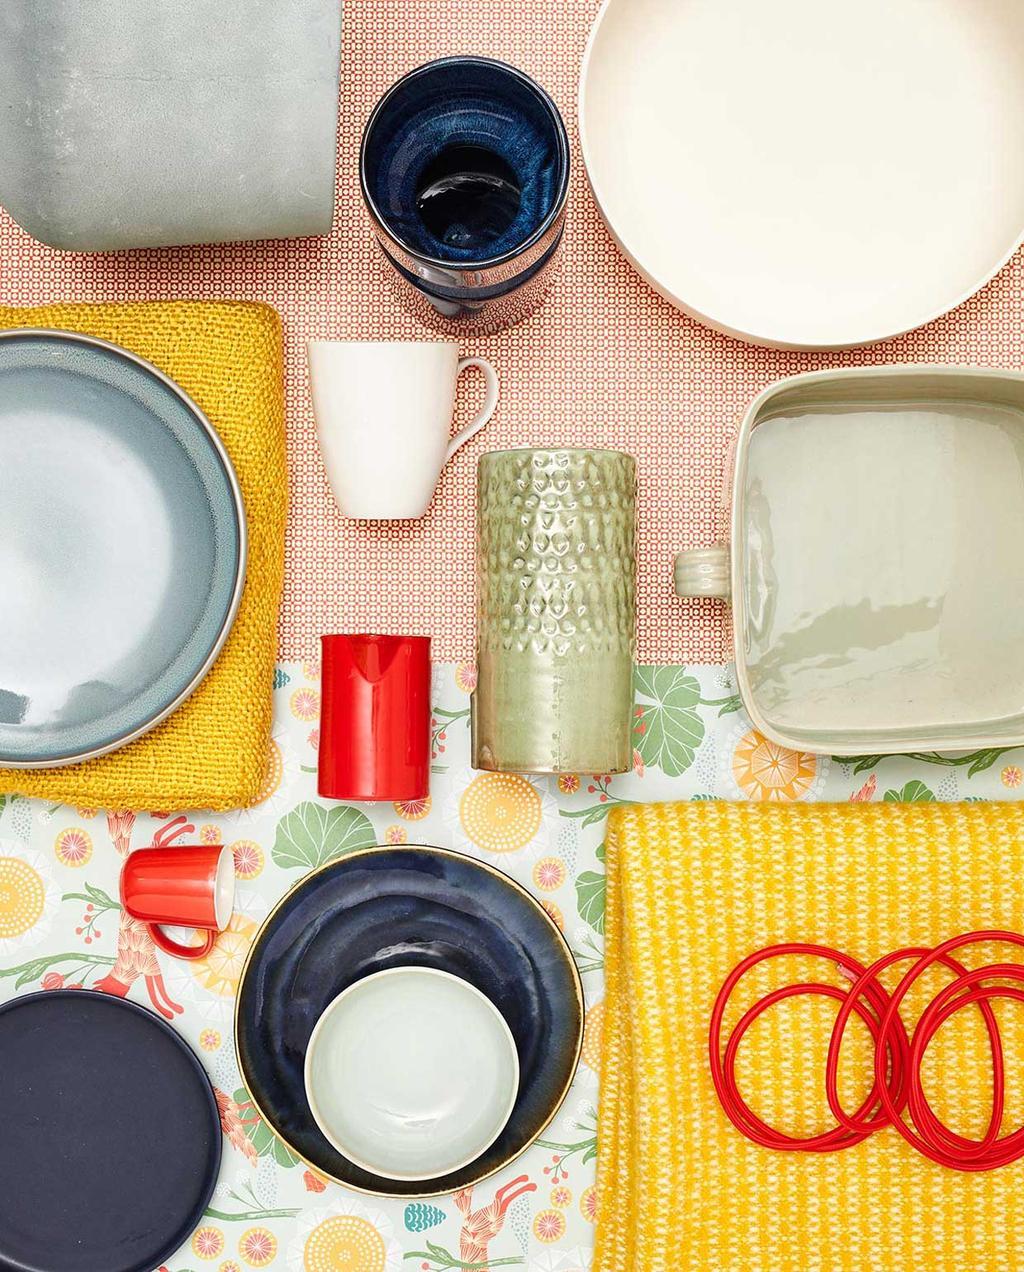 vrolijk gekleurd servies